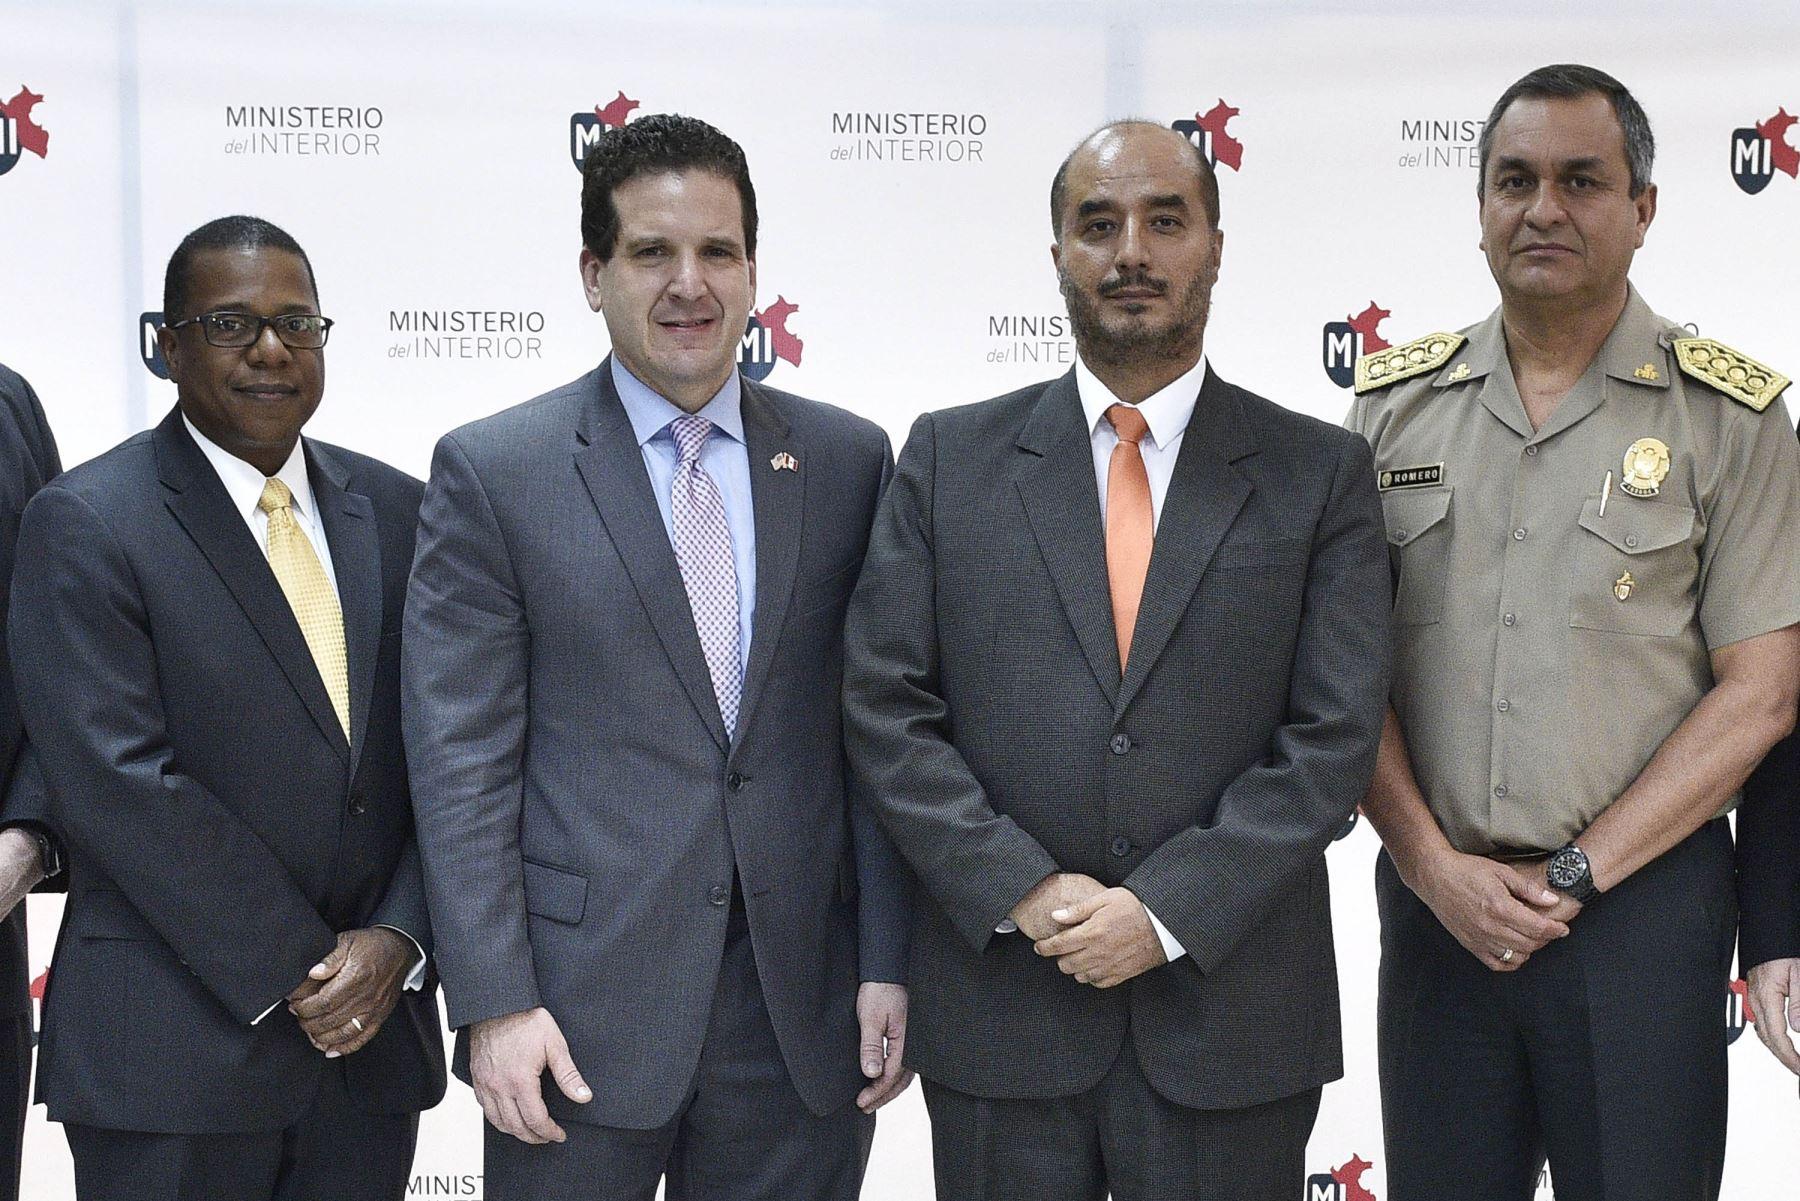 Titular del Interior y toda la plana policial se reunió con embajador de EEUU. Foto: Mininter